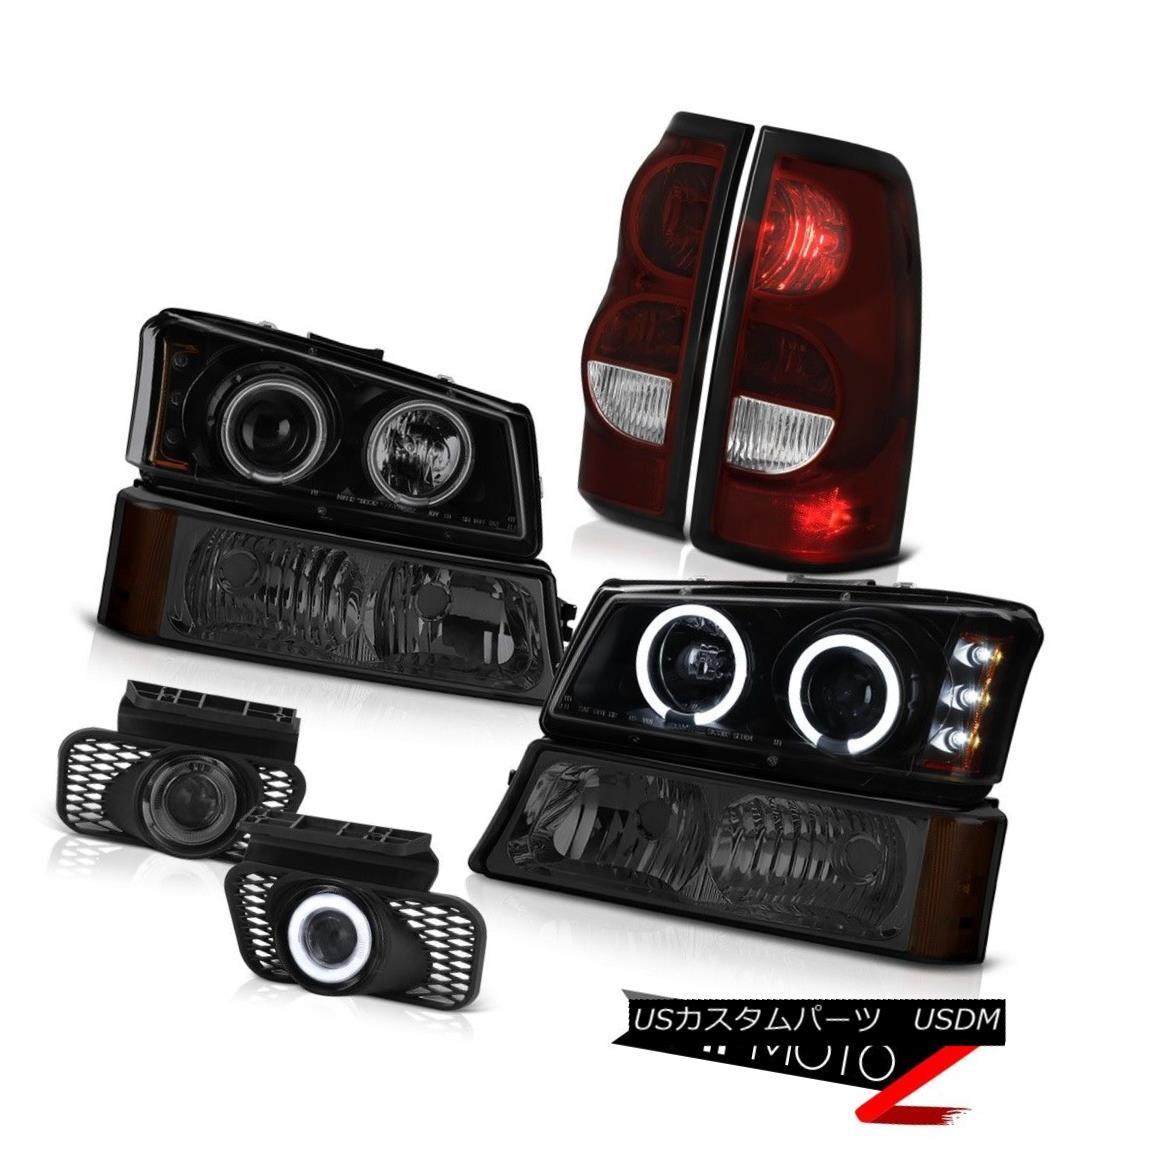 テールライト 03-06 Chevy Silverado Dark Smoke Fog Lights Tail Signal Lamp Darkest Headlamps 03-06 Chevy Silverado Dark SmokeフォグライトテールシグナルランプDarkest Headlamps